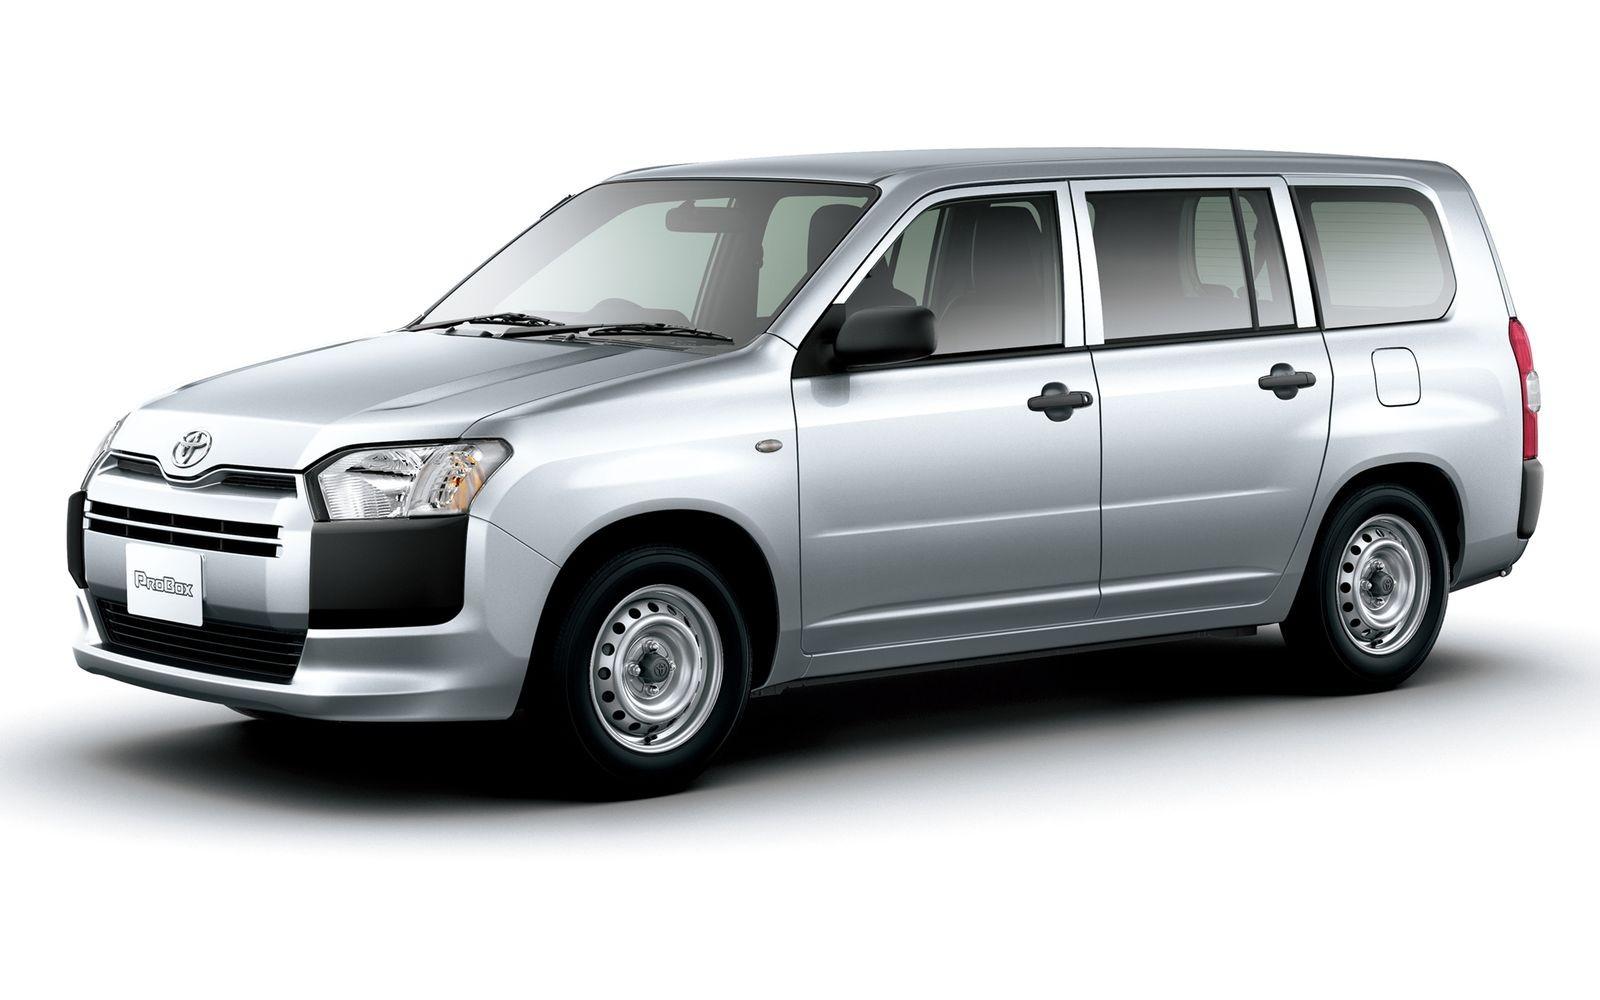 Неказистые универсалы Toyota Probox/Succeed (на фото) и Nissan AD тоже, оказывается, имеют на российском рынке свою маленькую нишу.